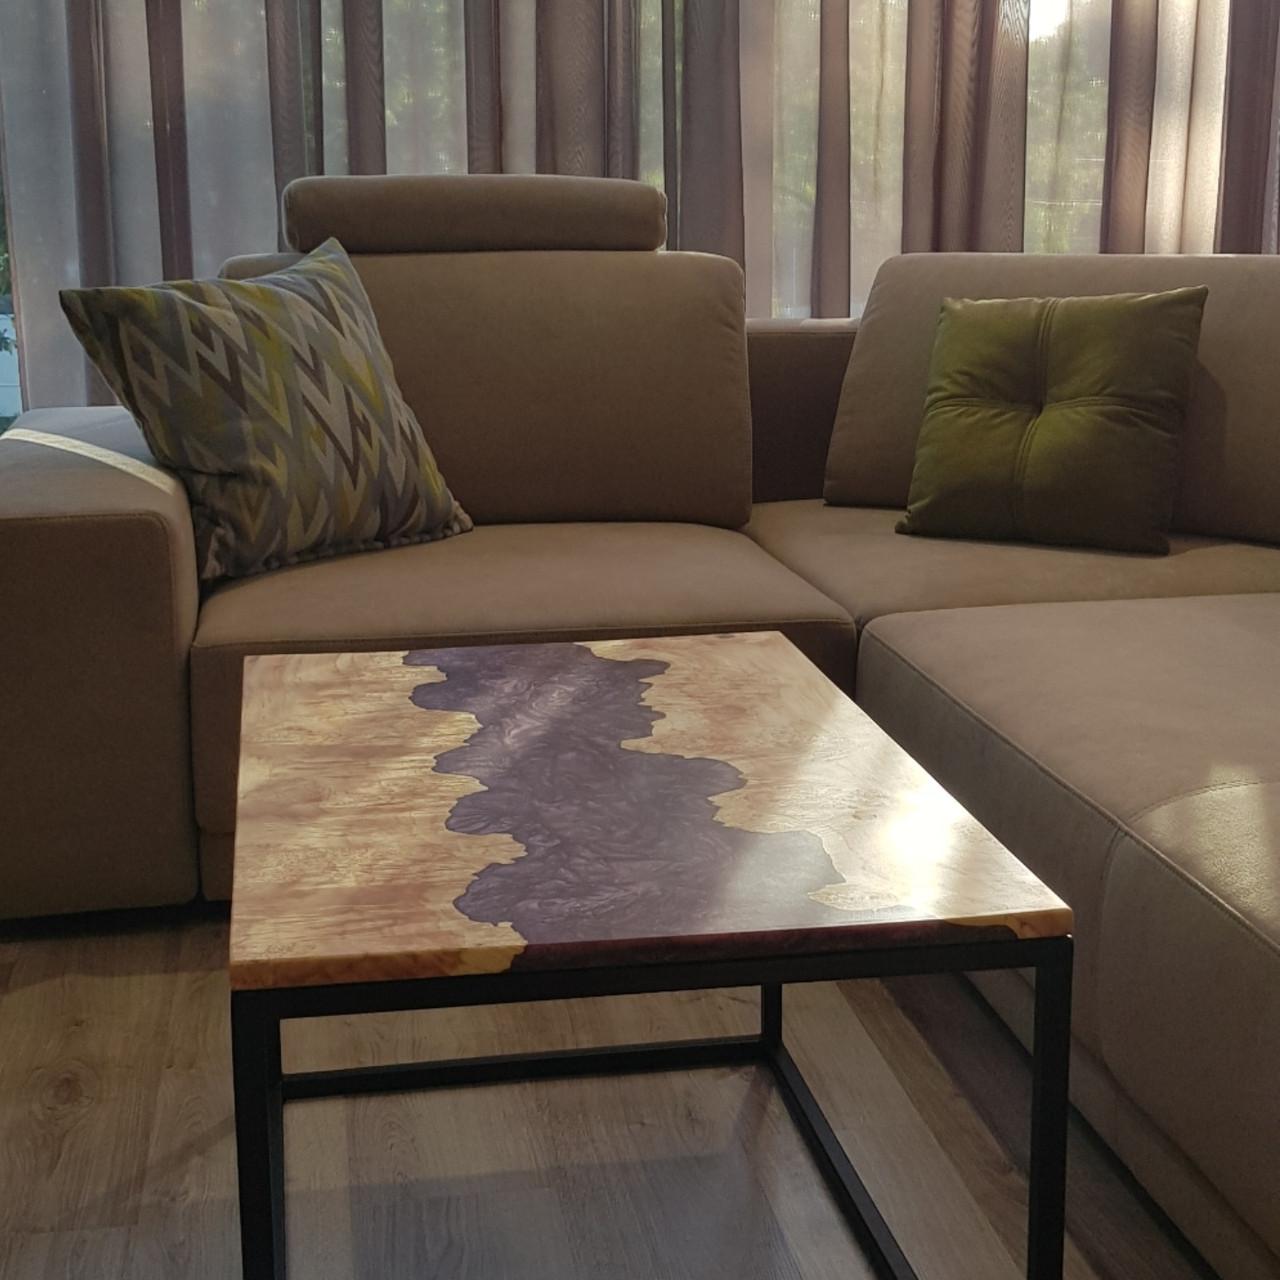 Журнальный стол из канадского  клёна эпоксдной смолы сиреневый перламут. Размер 827×560×20 мм. Высота 47 см